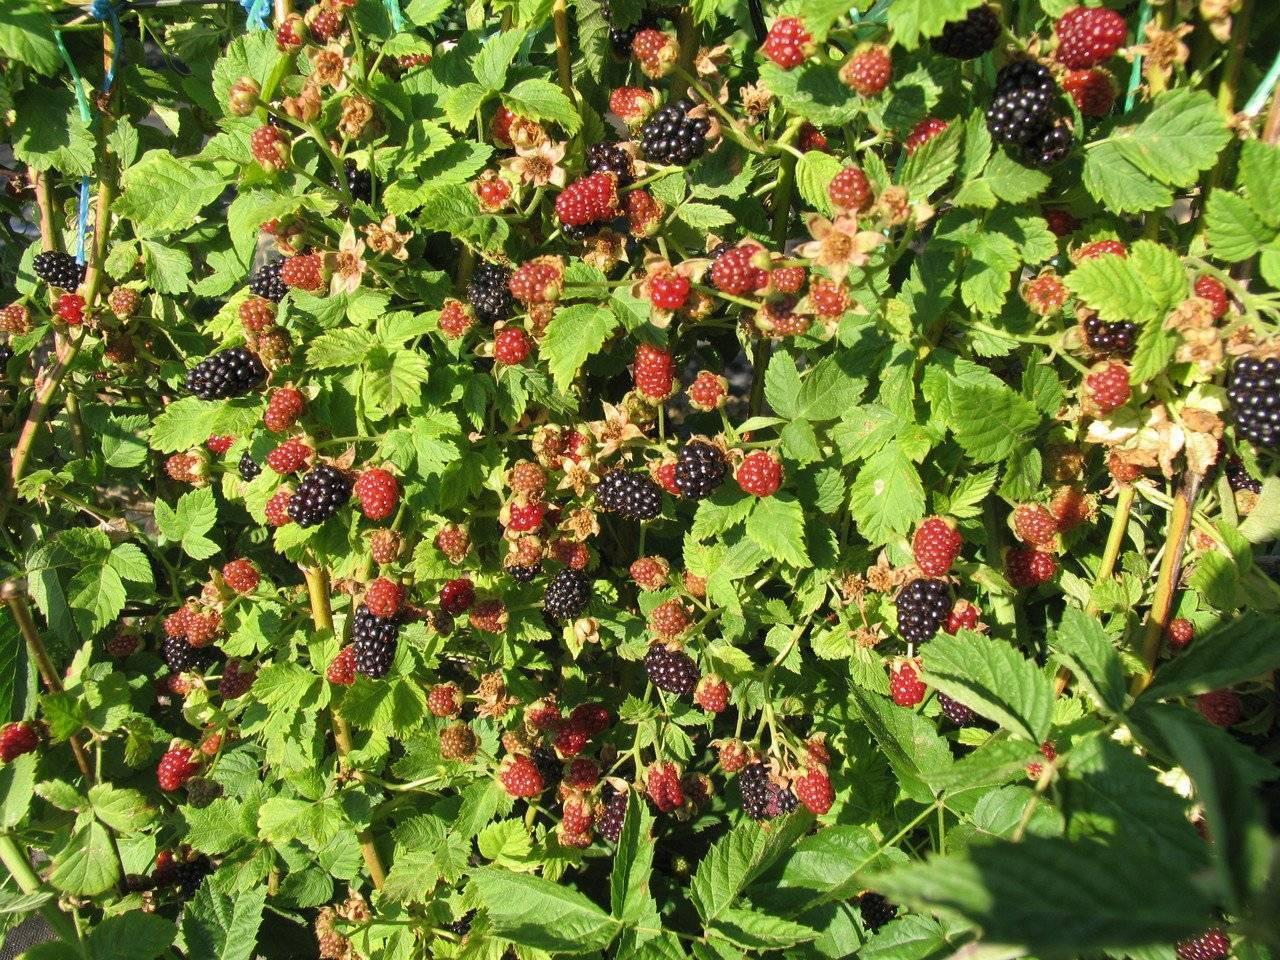 Удобрения для клубники весной для увеличения урожая - какое самое лучшее удобрение?